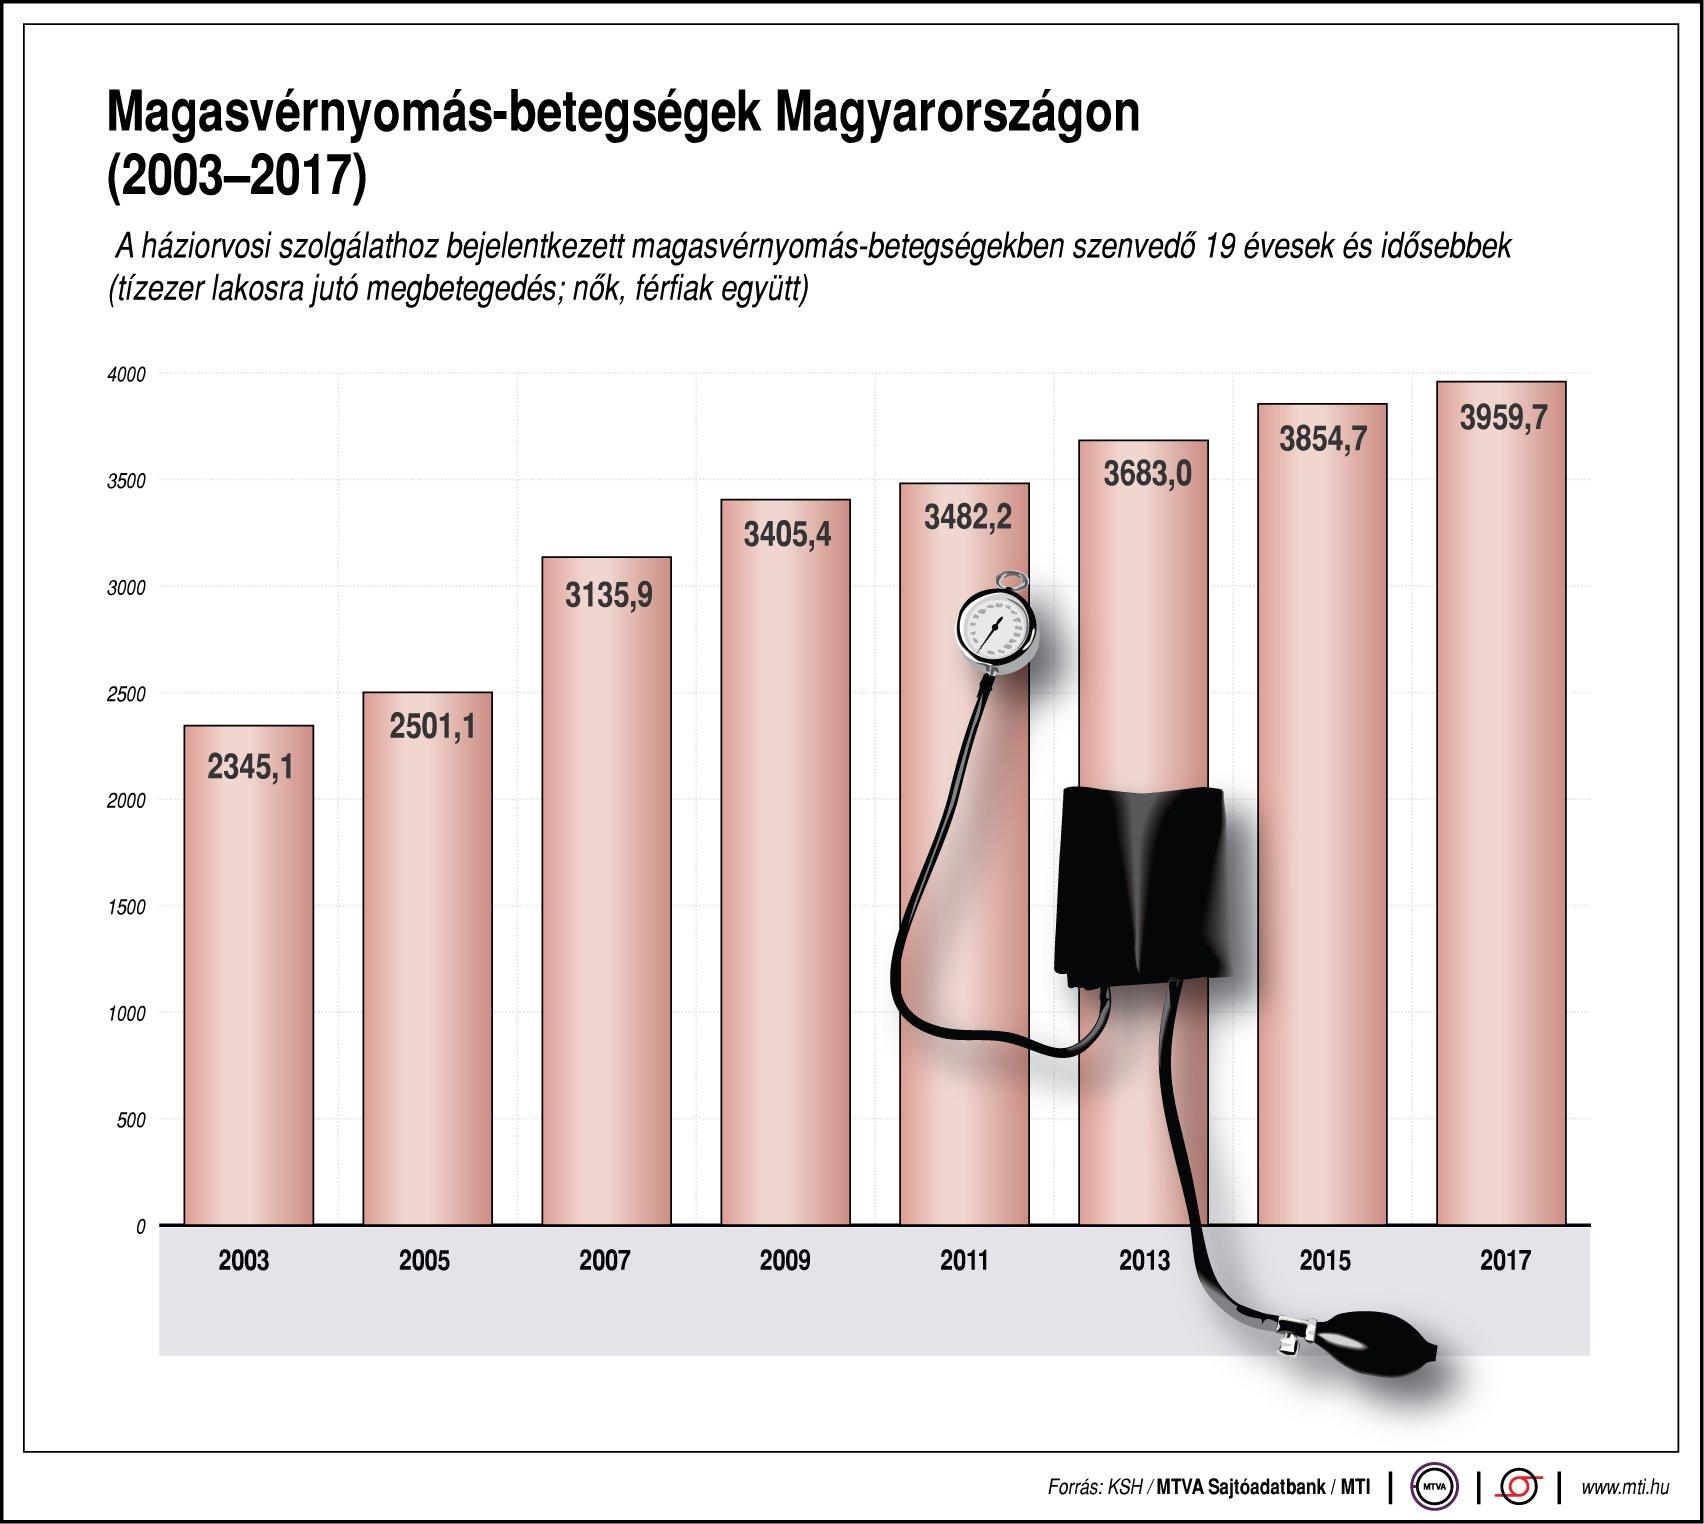 magas vérnyomás képzési program